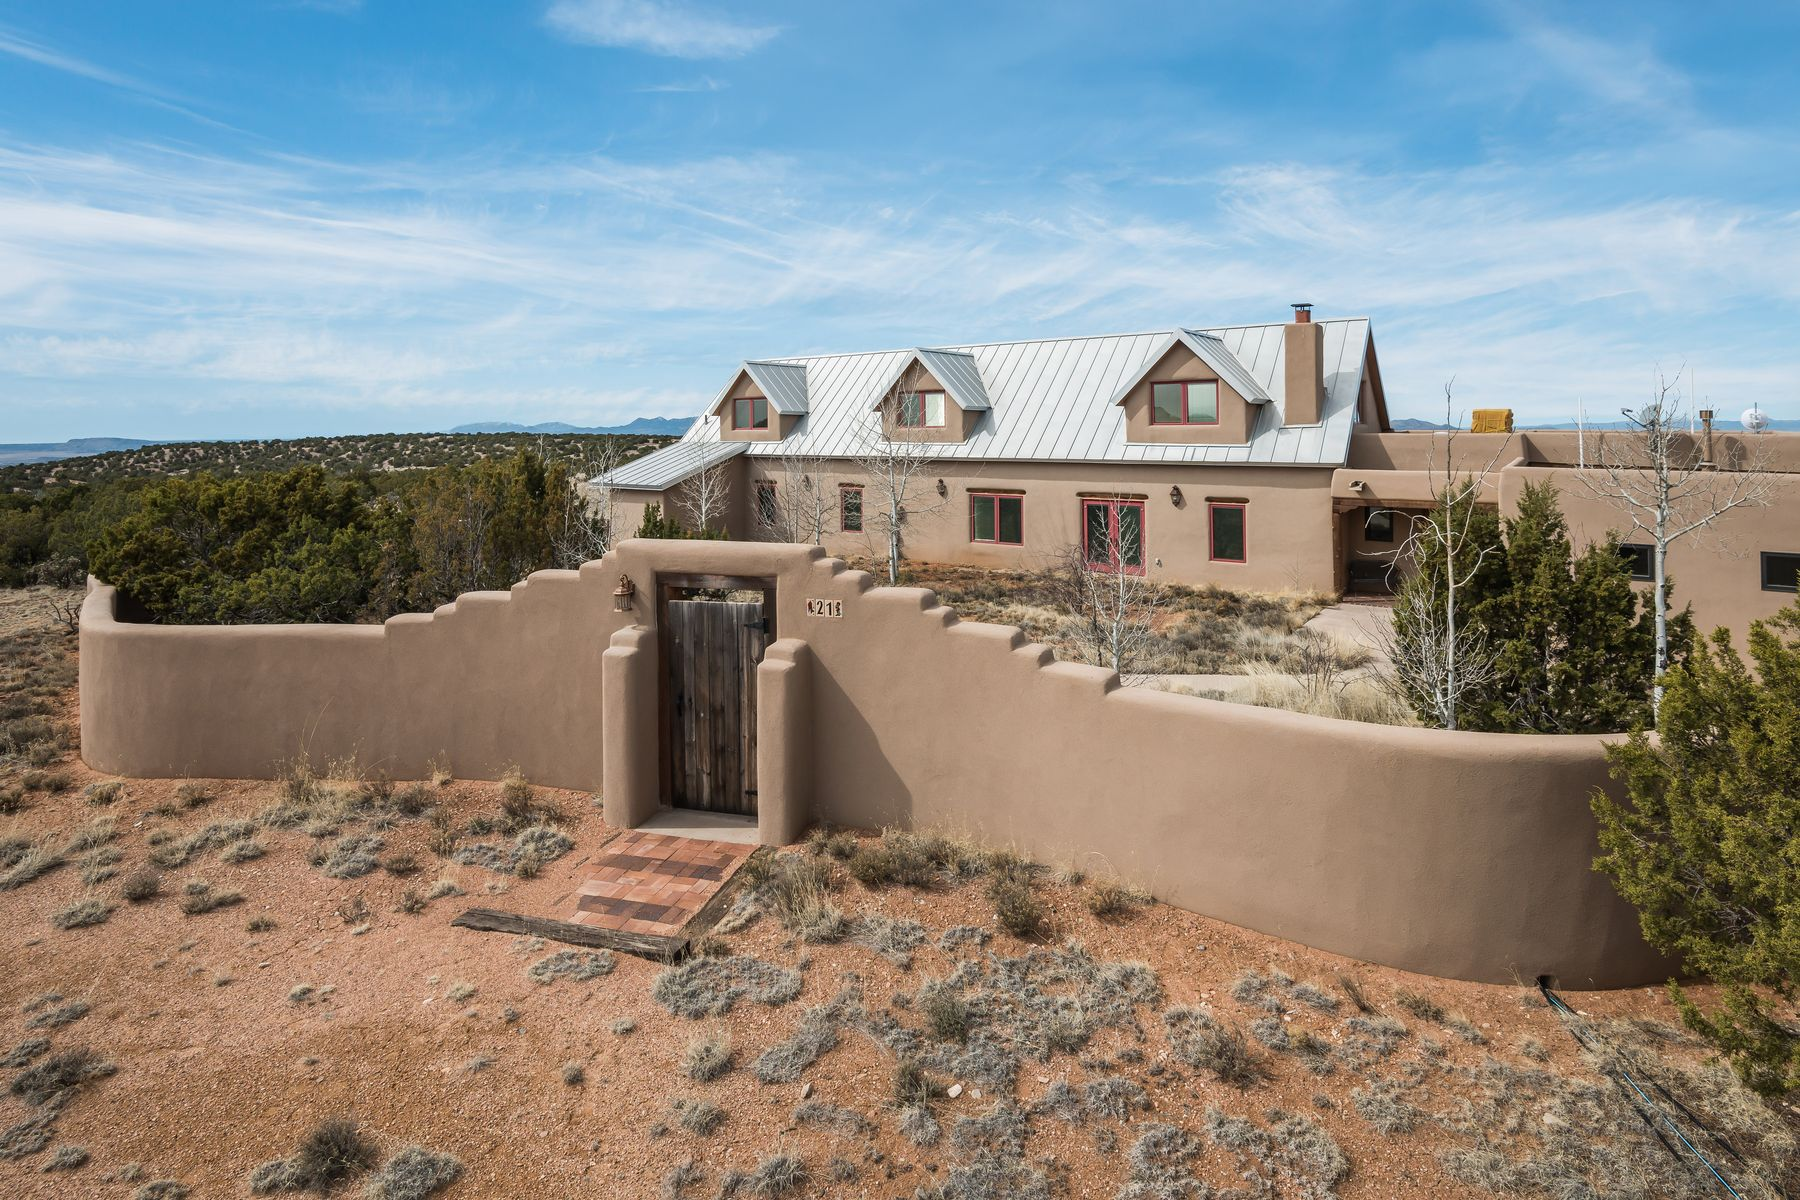 Single Family Homes pour l Vente à Lamy, Nouveau-Mexique 87540 États-Unis